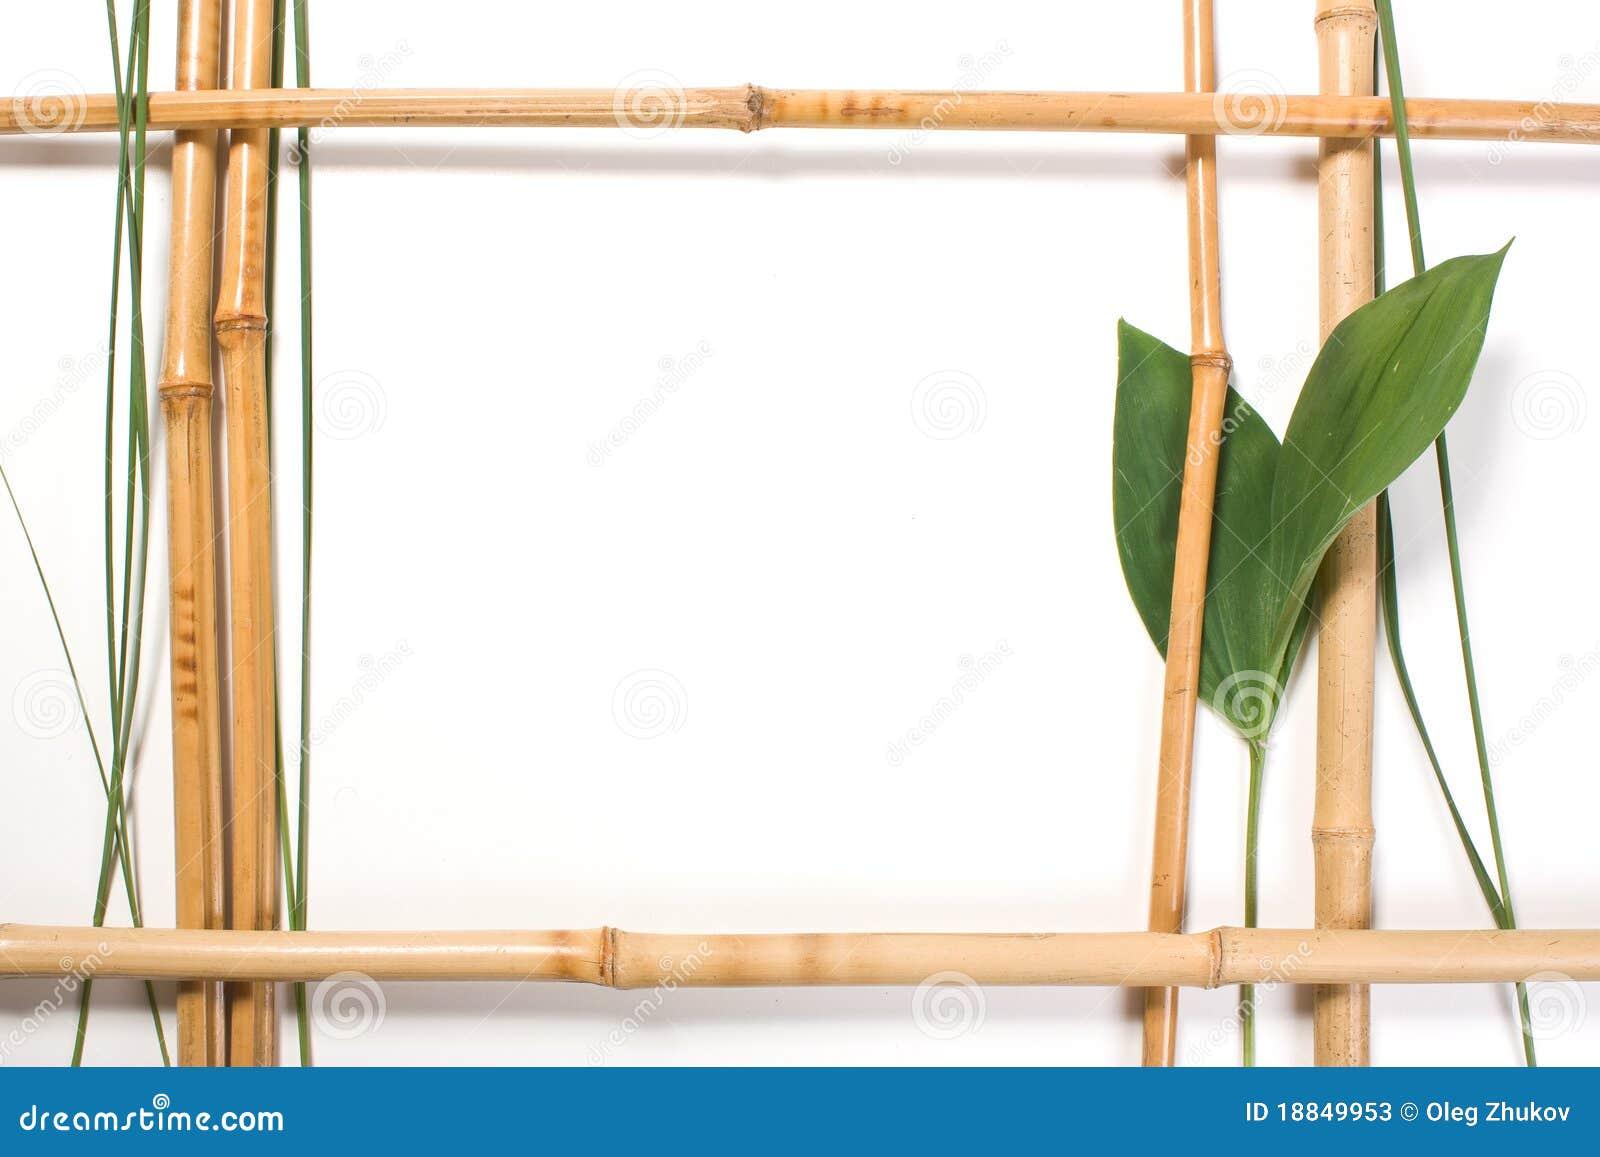 Cap tulo para los cuadros del bamb imagen de archivo - Marcos de cuadros para fotos ...